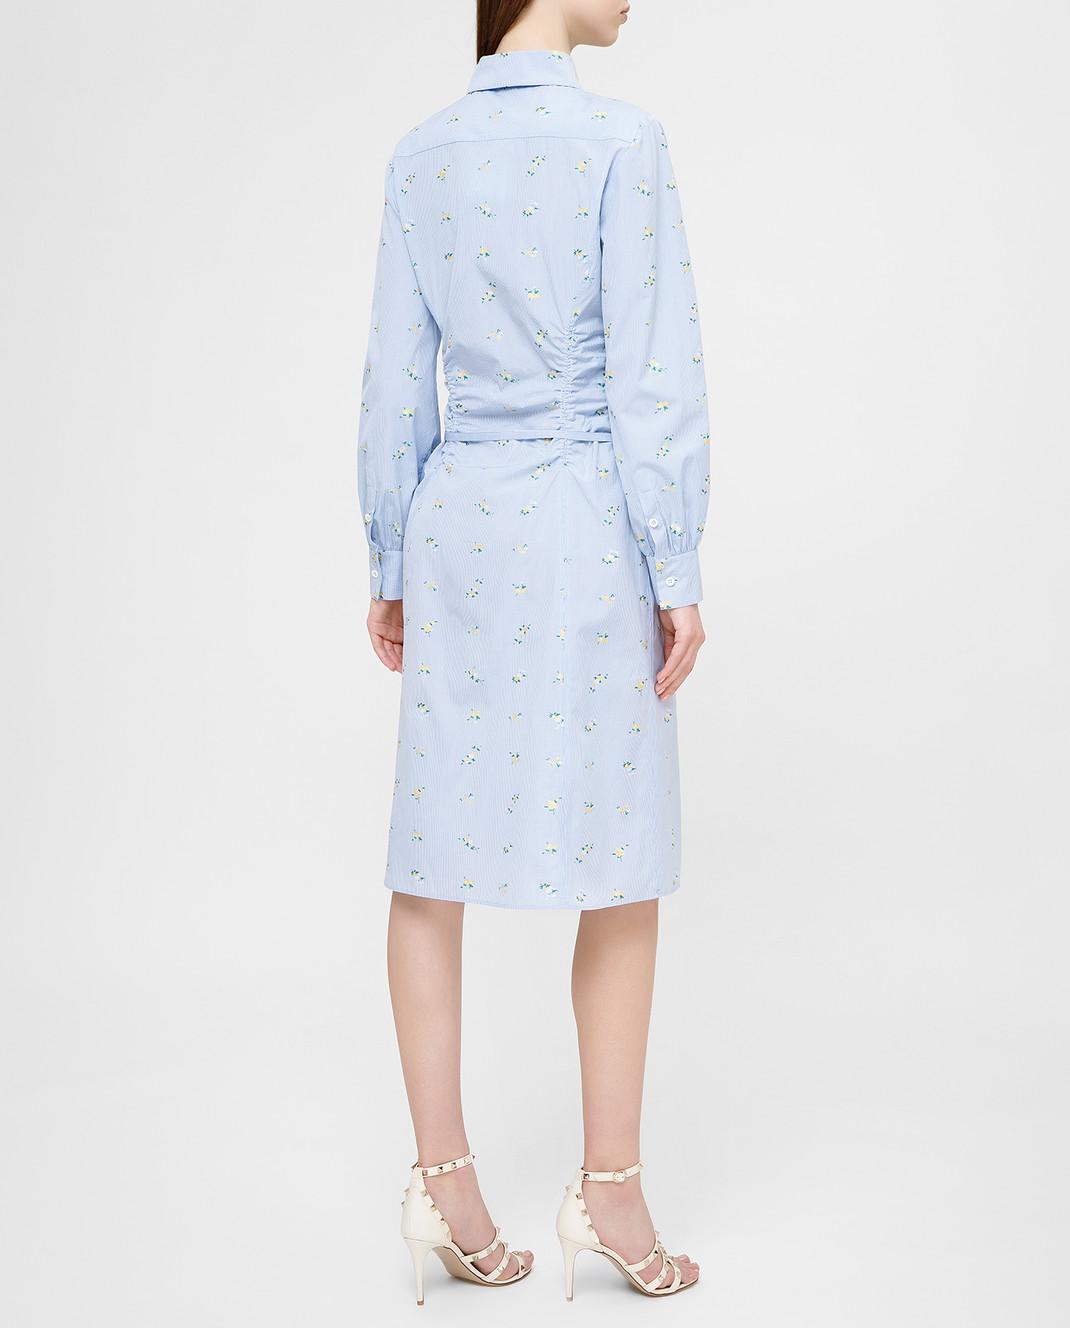 Altuzarra Голубое платье изображение 4